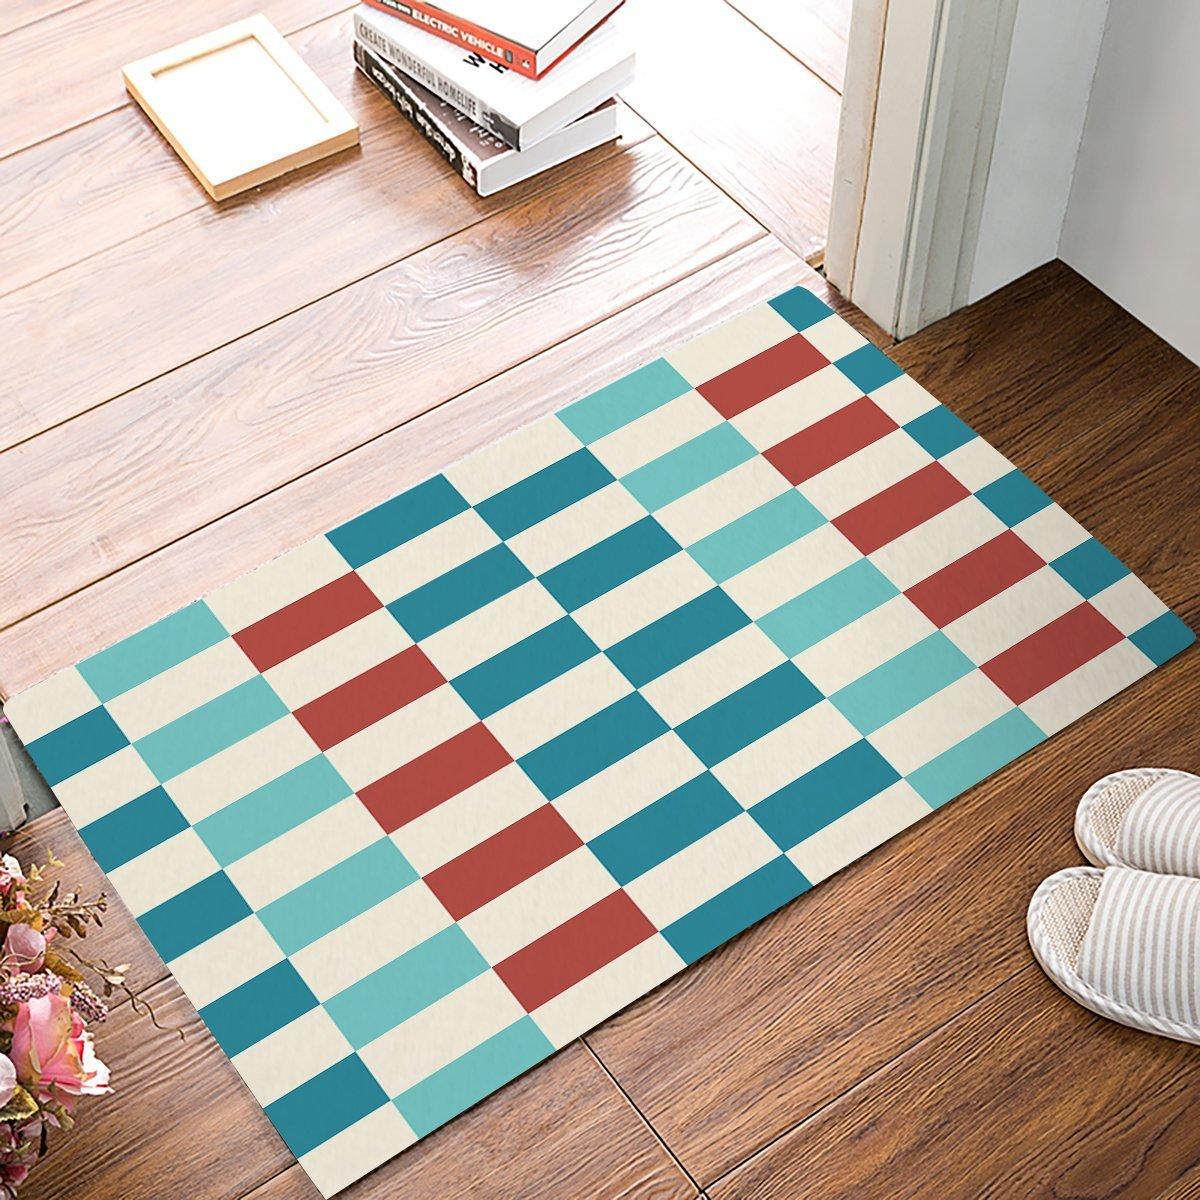 Blue And Orange Geometry Color Blocked Door Mats Kitchen Floor Bath ...